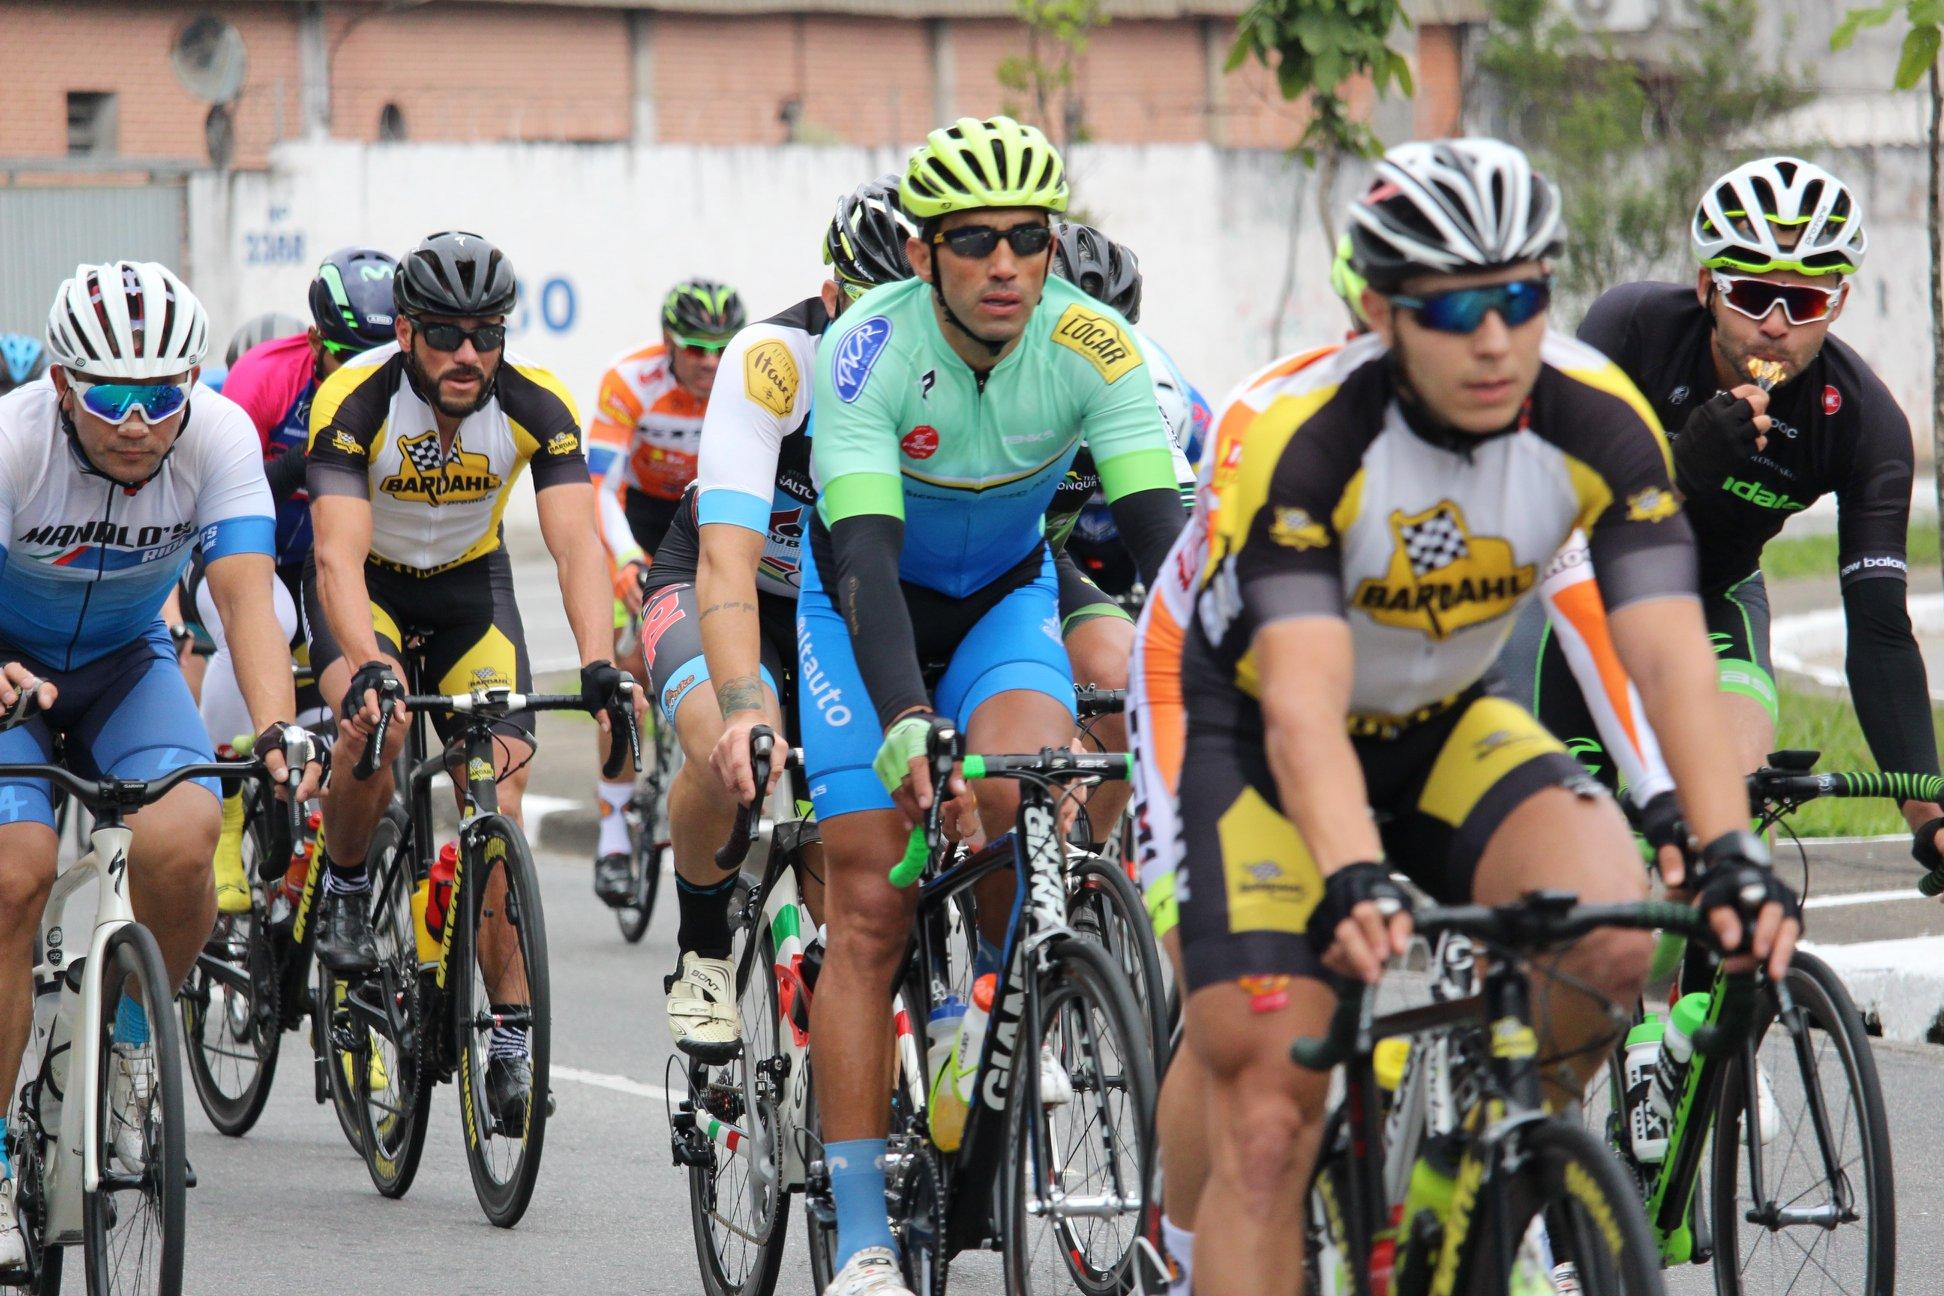 Campeonato Penks de Ciclismo é compromisso da equipe Promax Bardahl em Salto (SP)